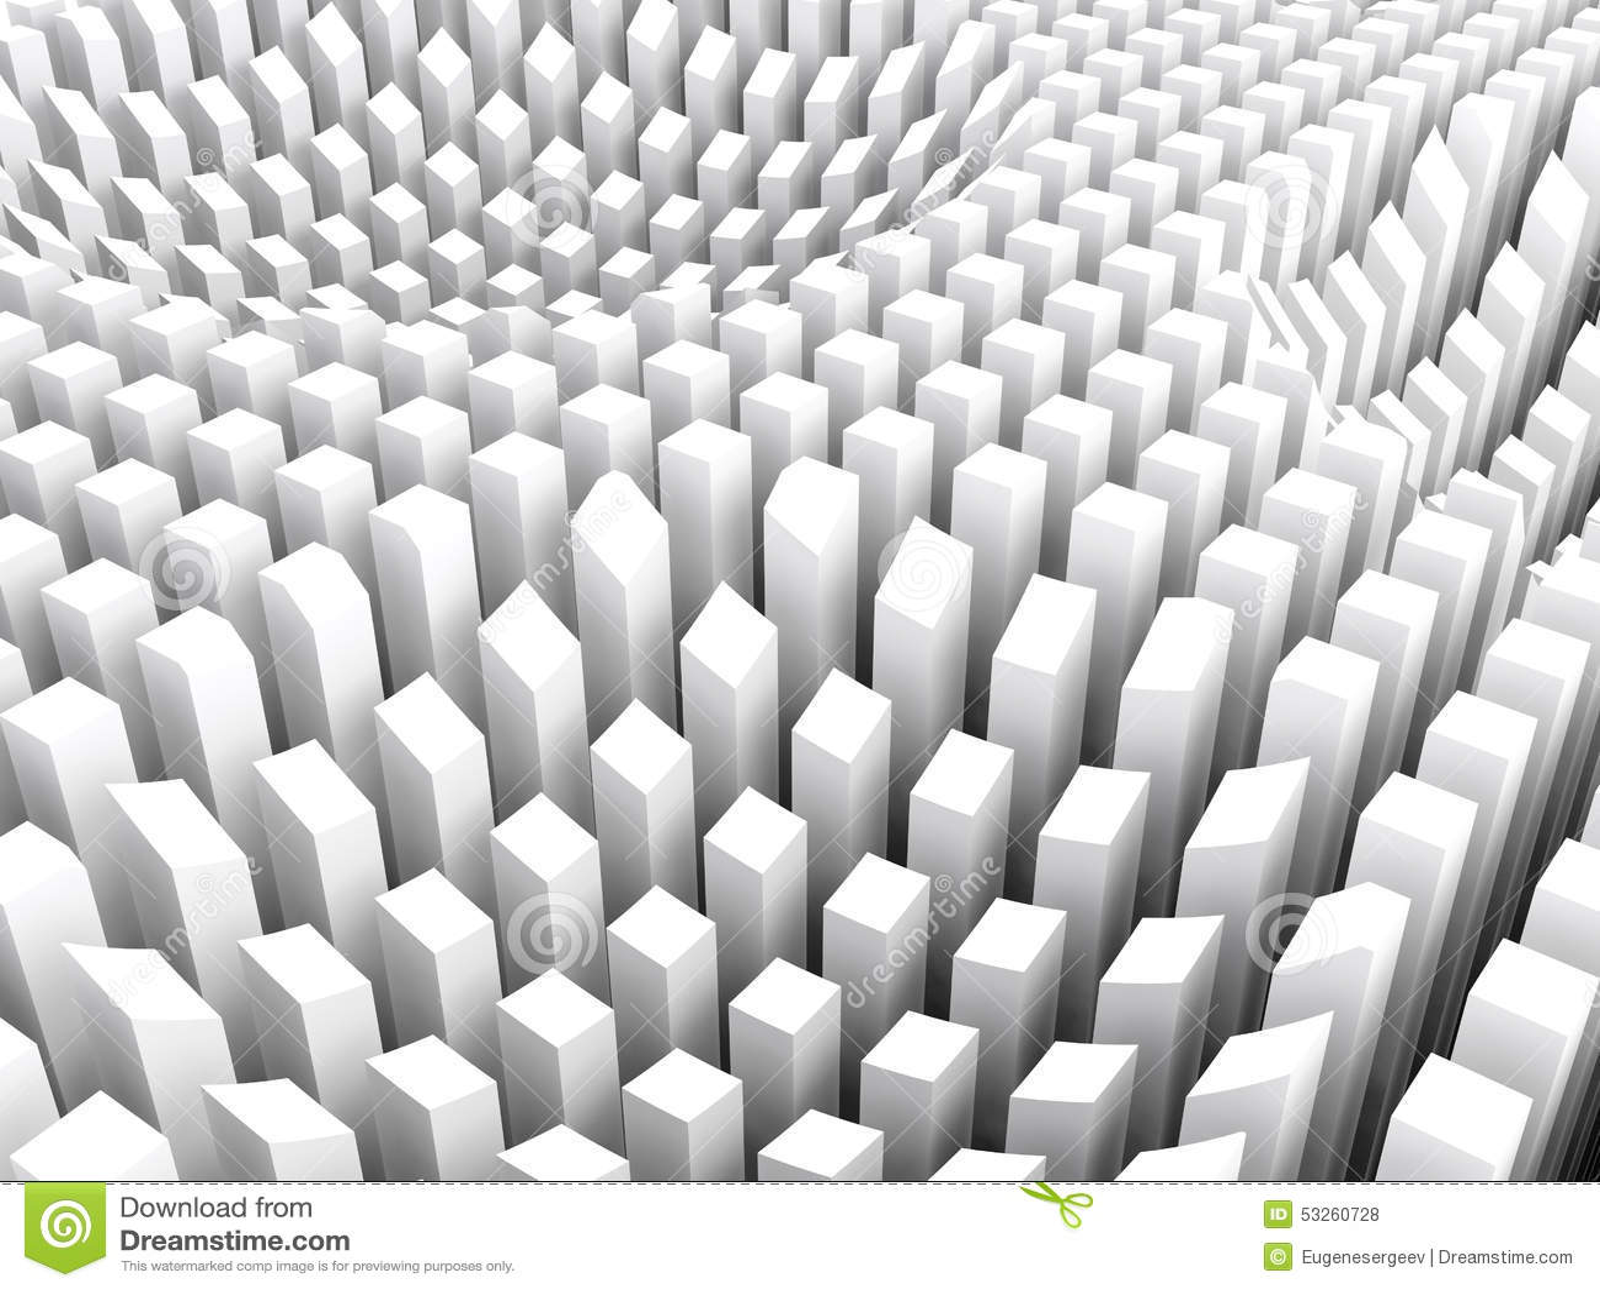 gebogene oberfläche bildete weiße spaltenbereichsreihe, 3d stock